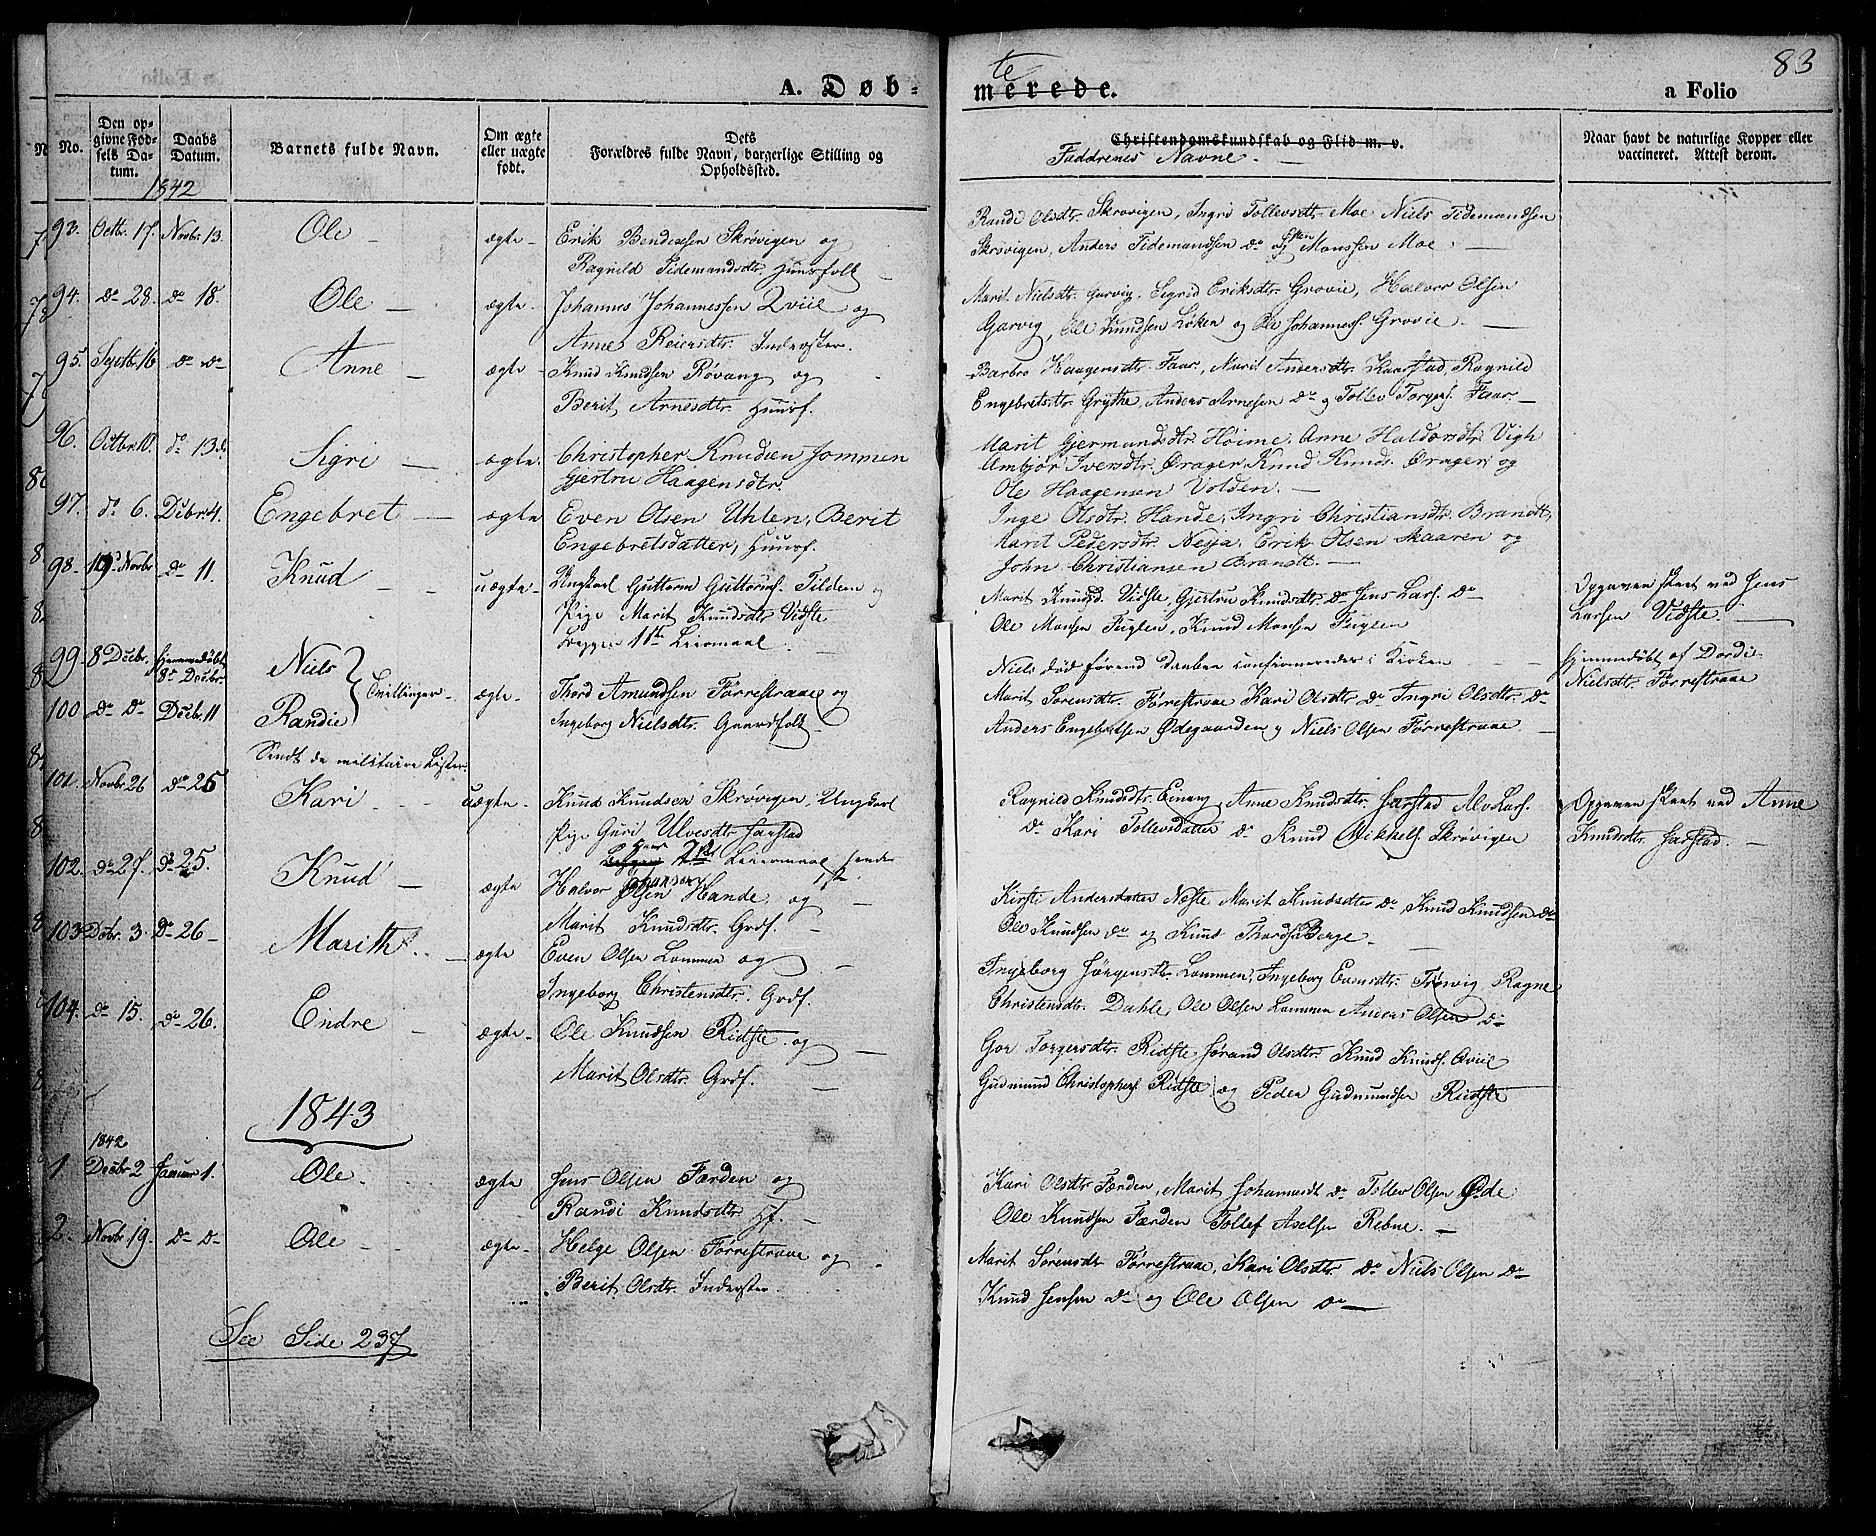 SAH, Slidre prestekontor, Ministerialbok nr. 3, 1831-1843, s. 83